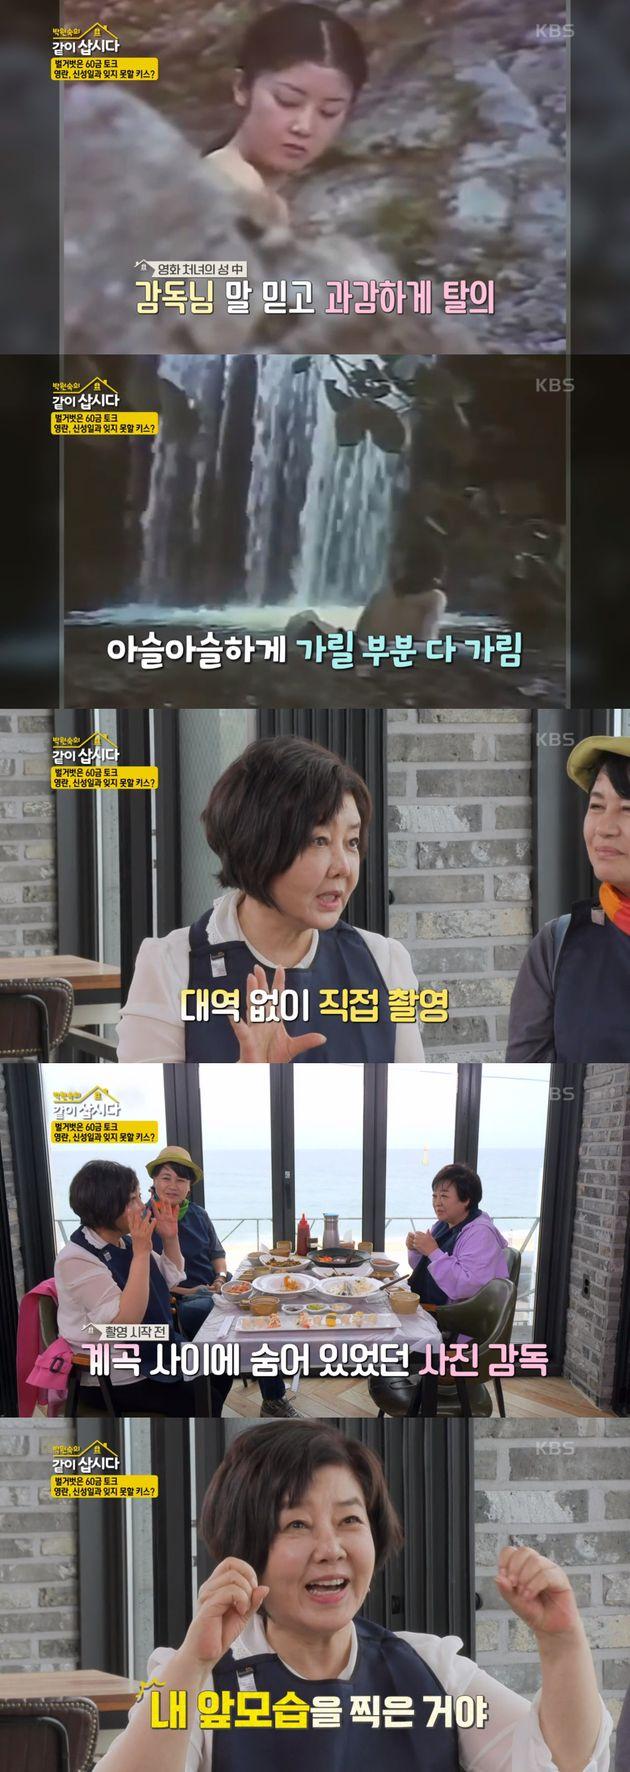 KBS2 '박원숙의 같이